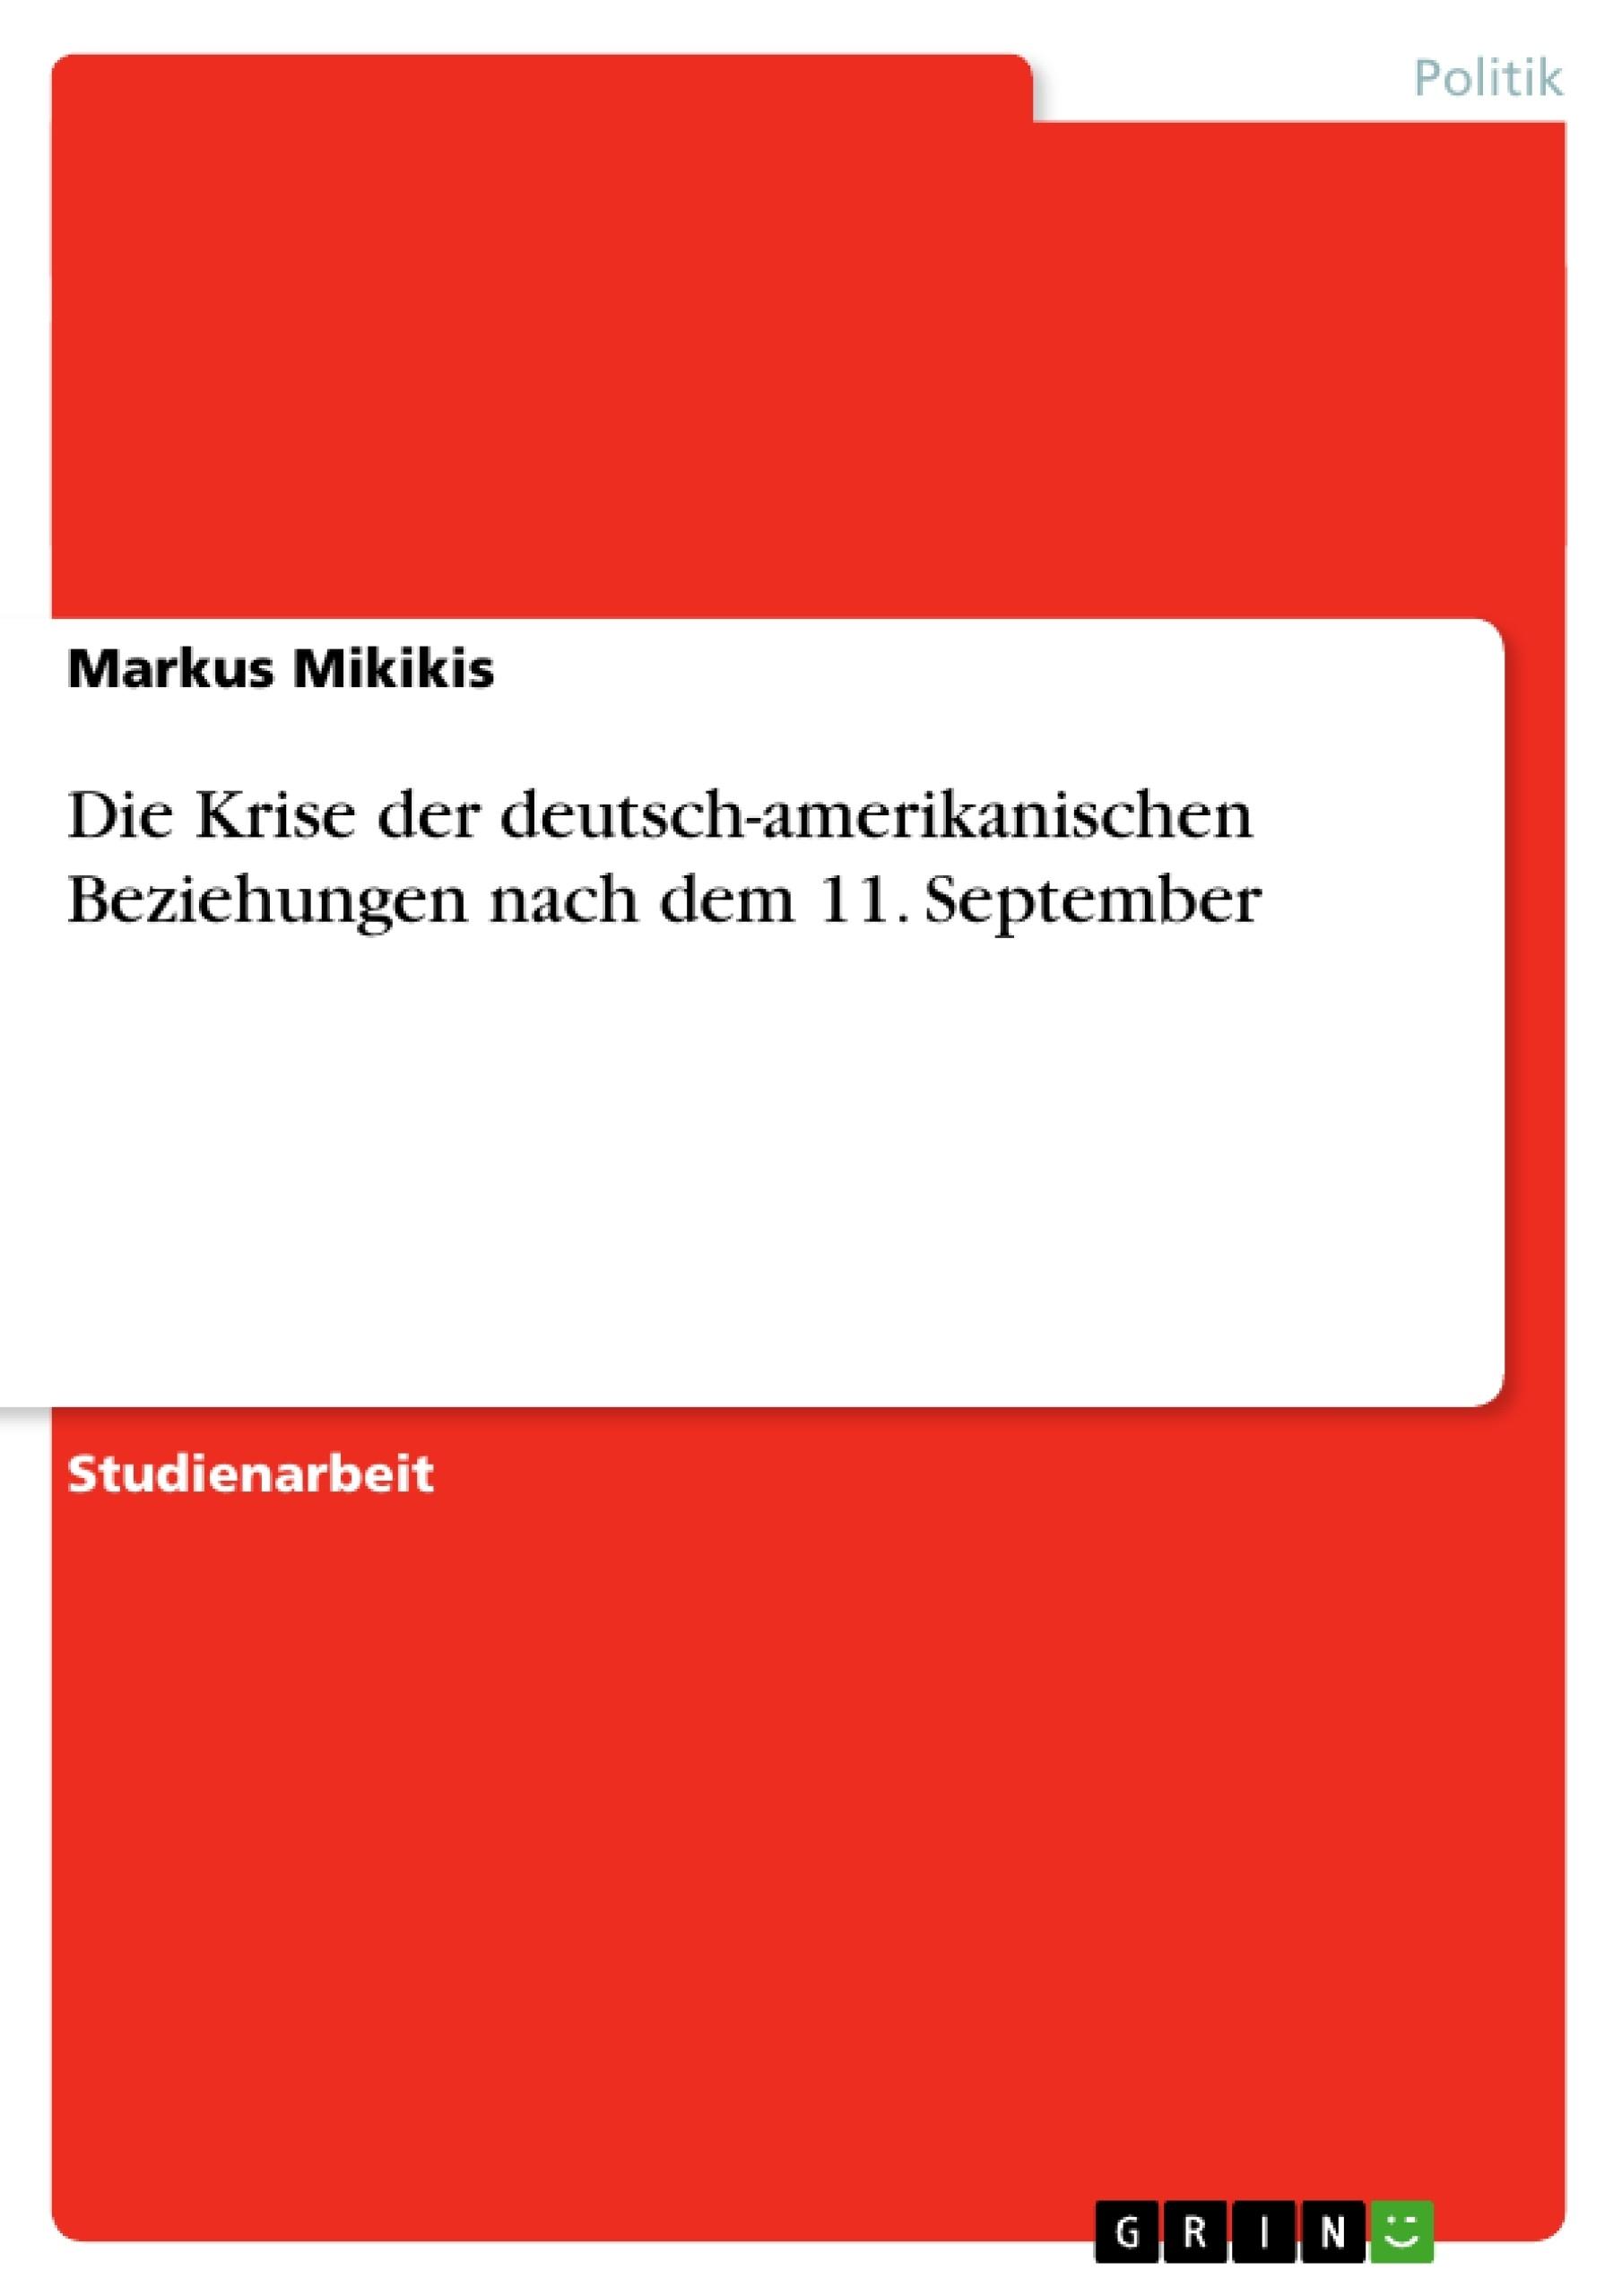 Titel: Die Krise der deutsch-amerikanischen Beziehungen nach dem 11. September